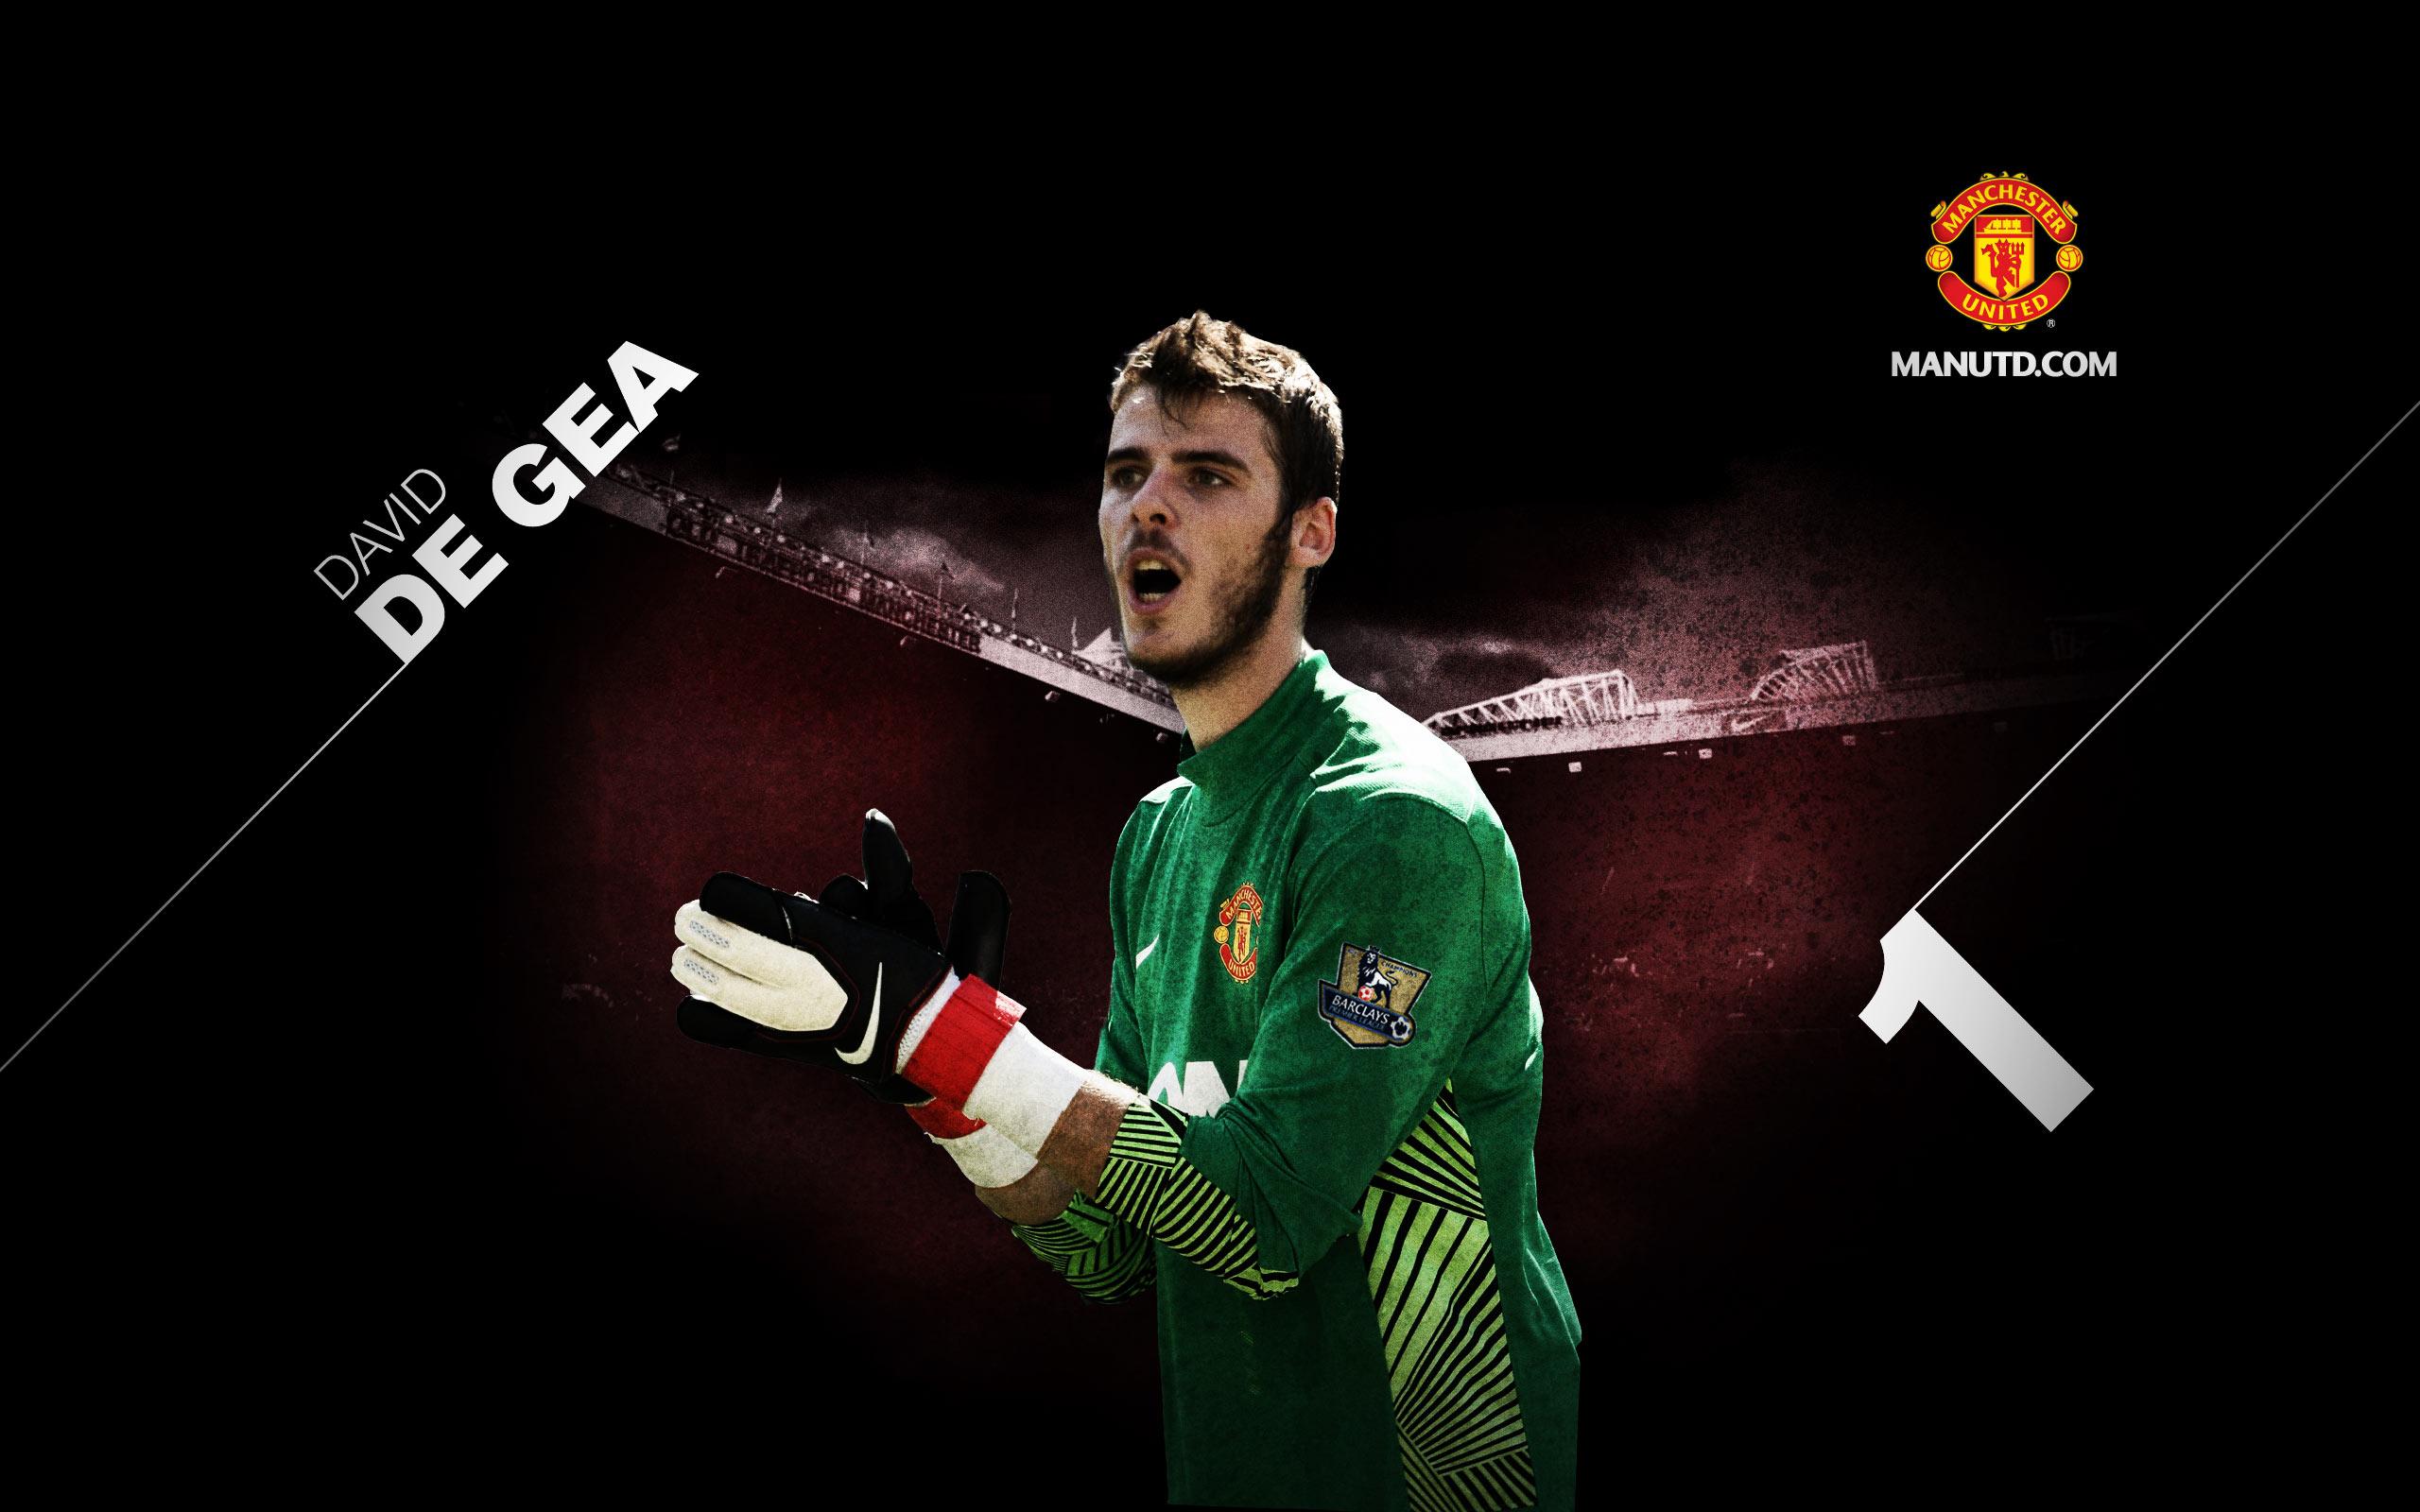 David De Gea Wallpaper Hd Players Manchester United Wallpaper